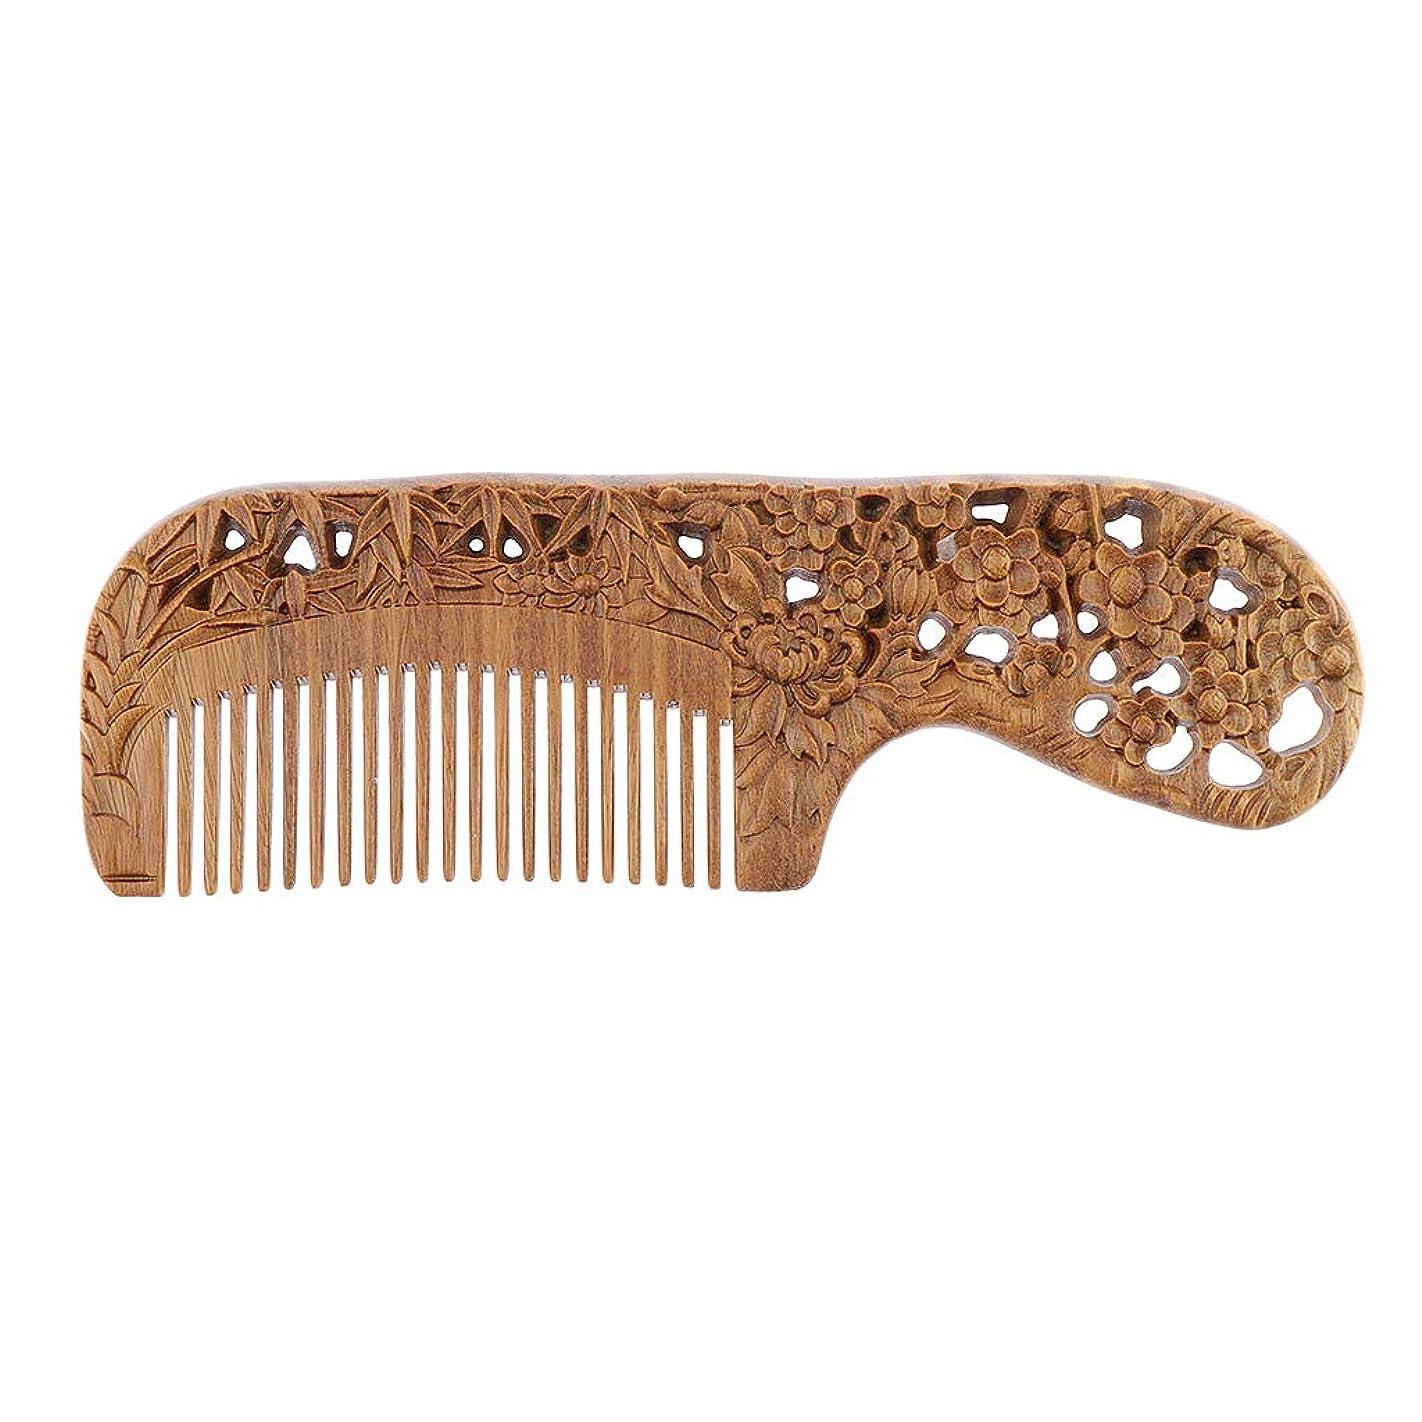 必要としている特権的ヒゲクジラB Blesiya 手作り 木製櫛 ヘアブラシ ヘアコーム 頭皮マッサージ レトロ 4タイプ選べ   - 17.8 x 5.6 x 11.5 cm